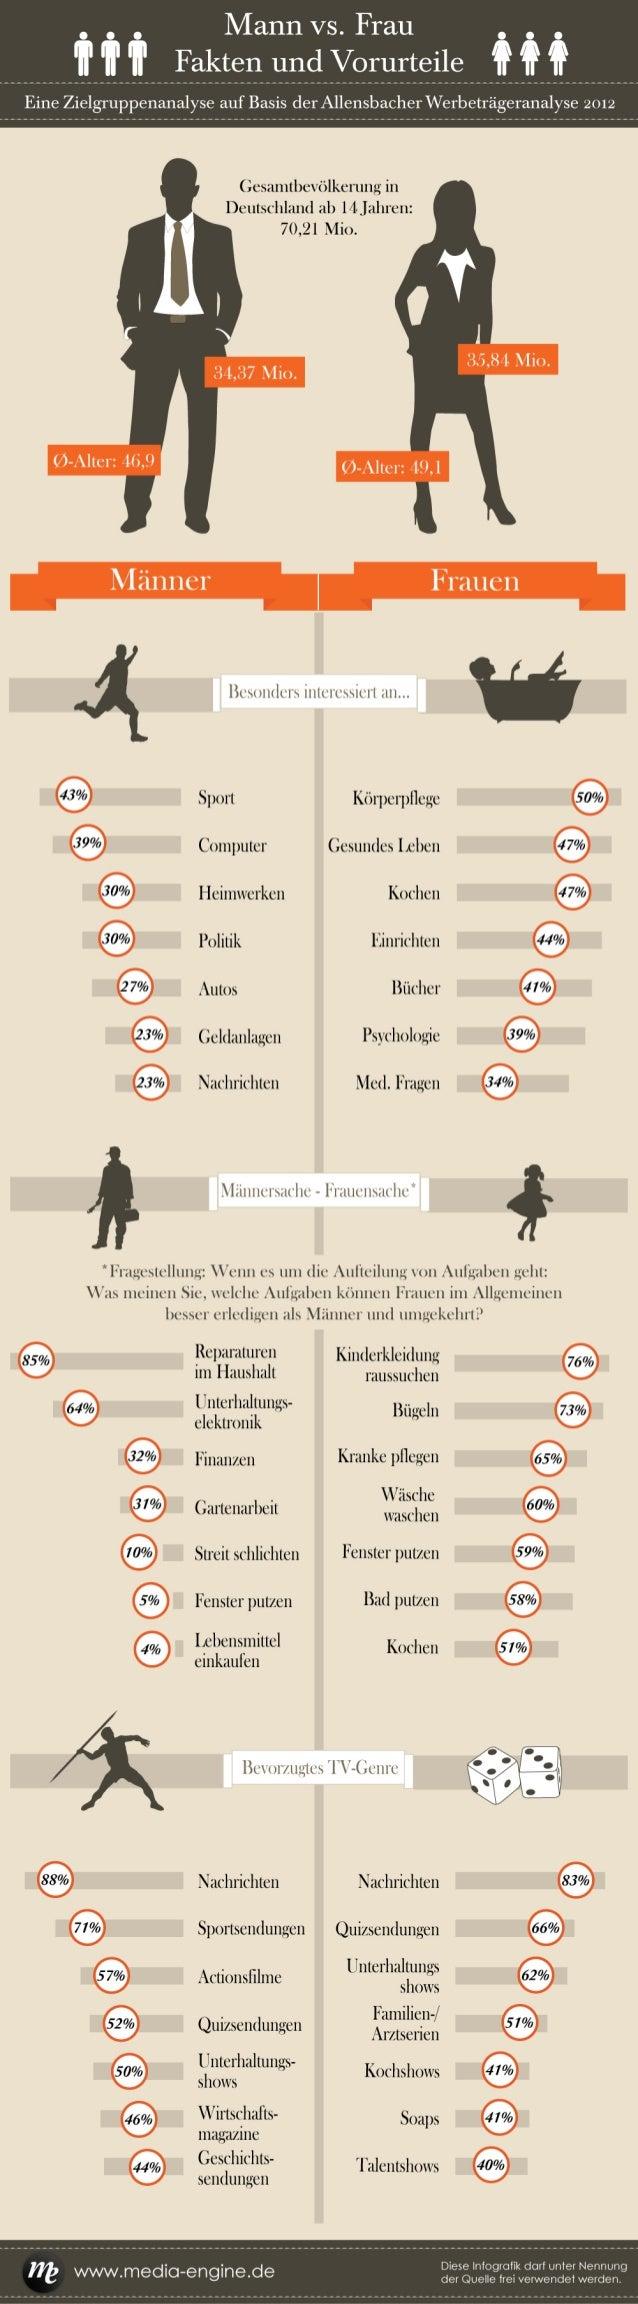 Mann vs. Frau – Fakten und Vorurteile